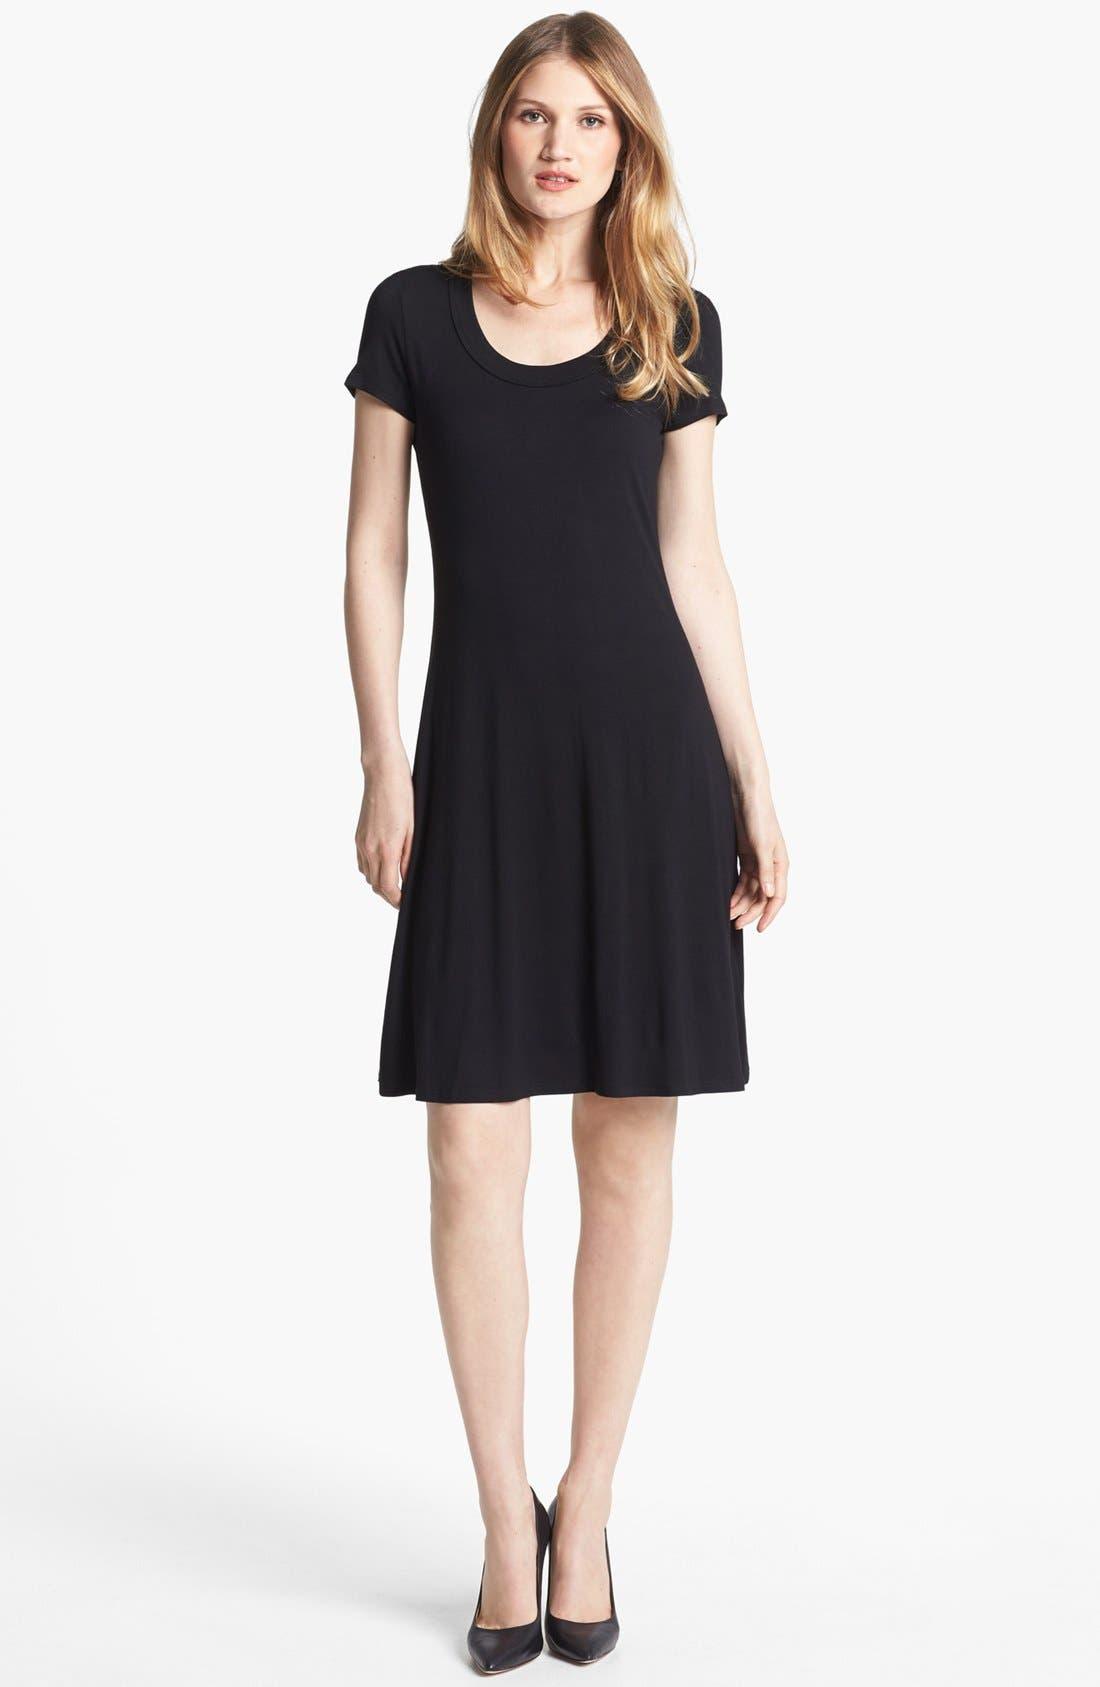 Main Image - Karen Kane Scoop Neck Jersey Dress